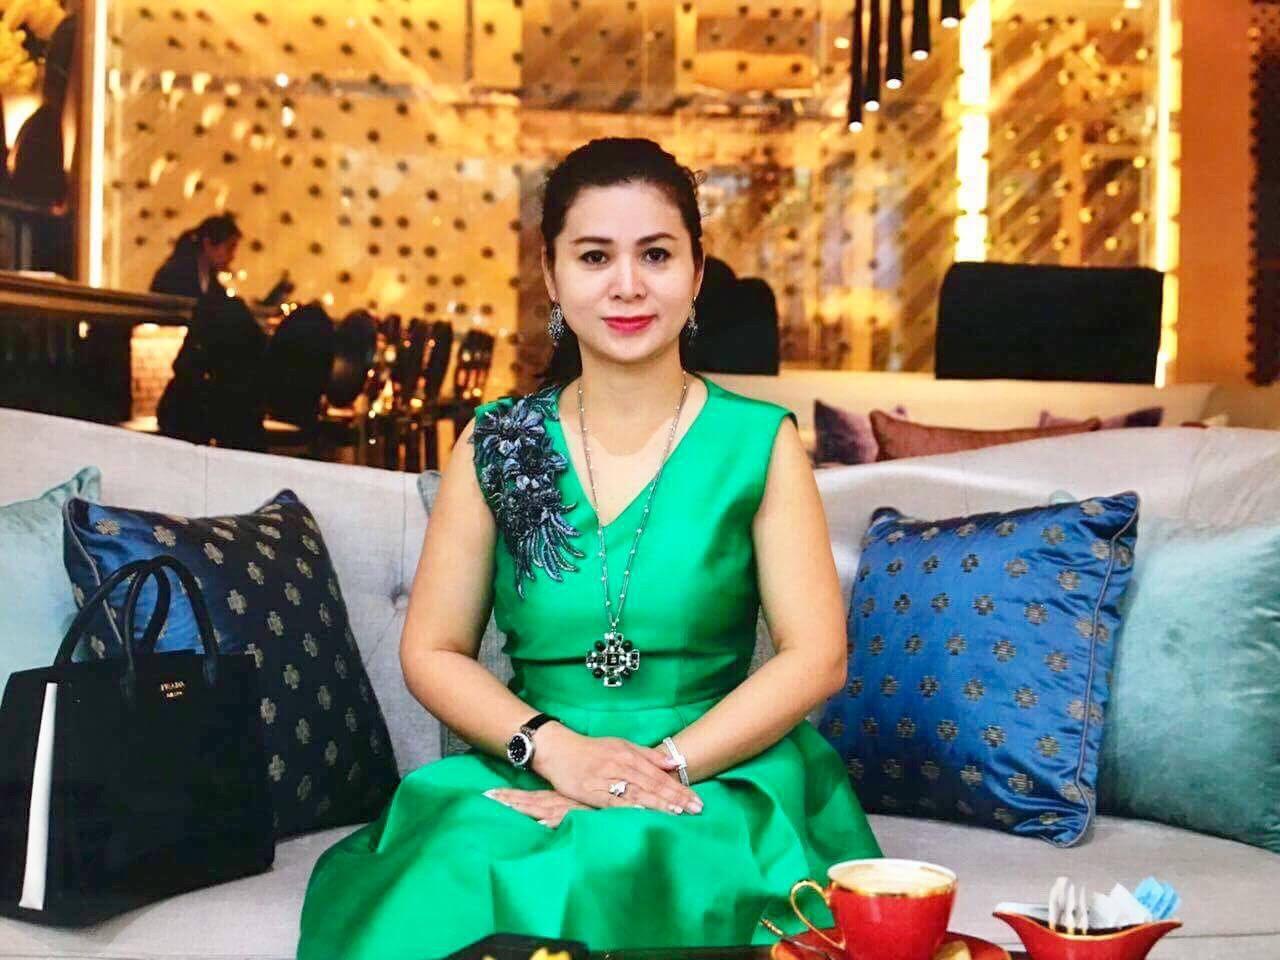 Phong cách thời trang của bà Lê Hoàng Diệp Thảo Ảnh 19